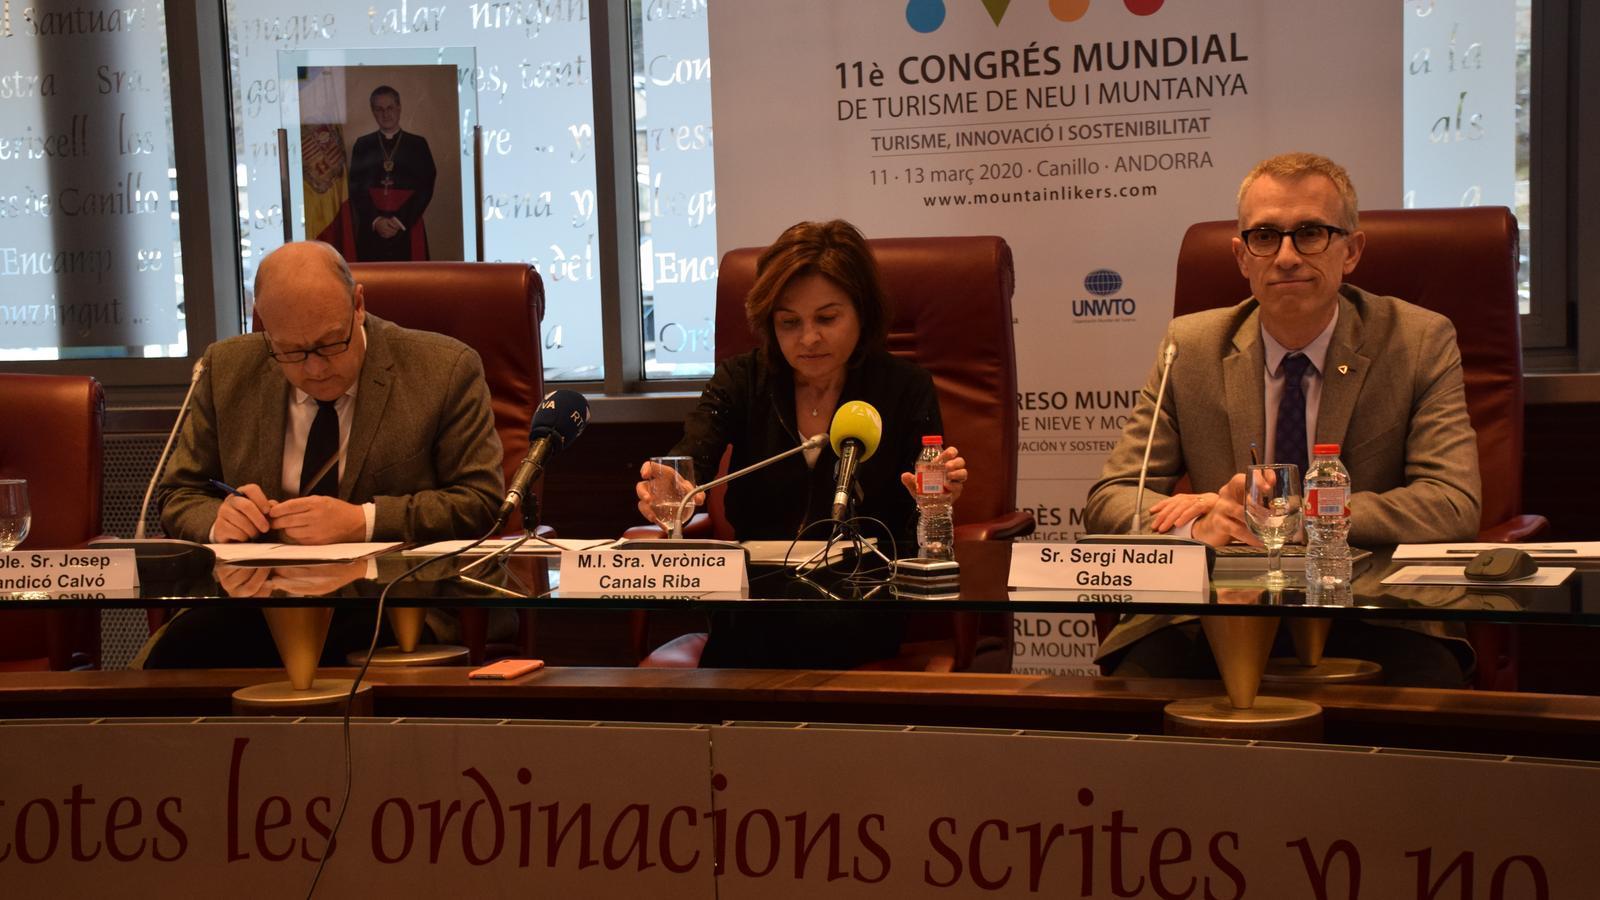 Presentació del l'11è Congrés Mundial de Turisme de Neu i de Muntanya. / M. R. F.